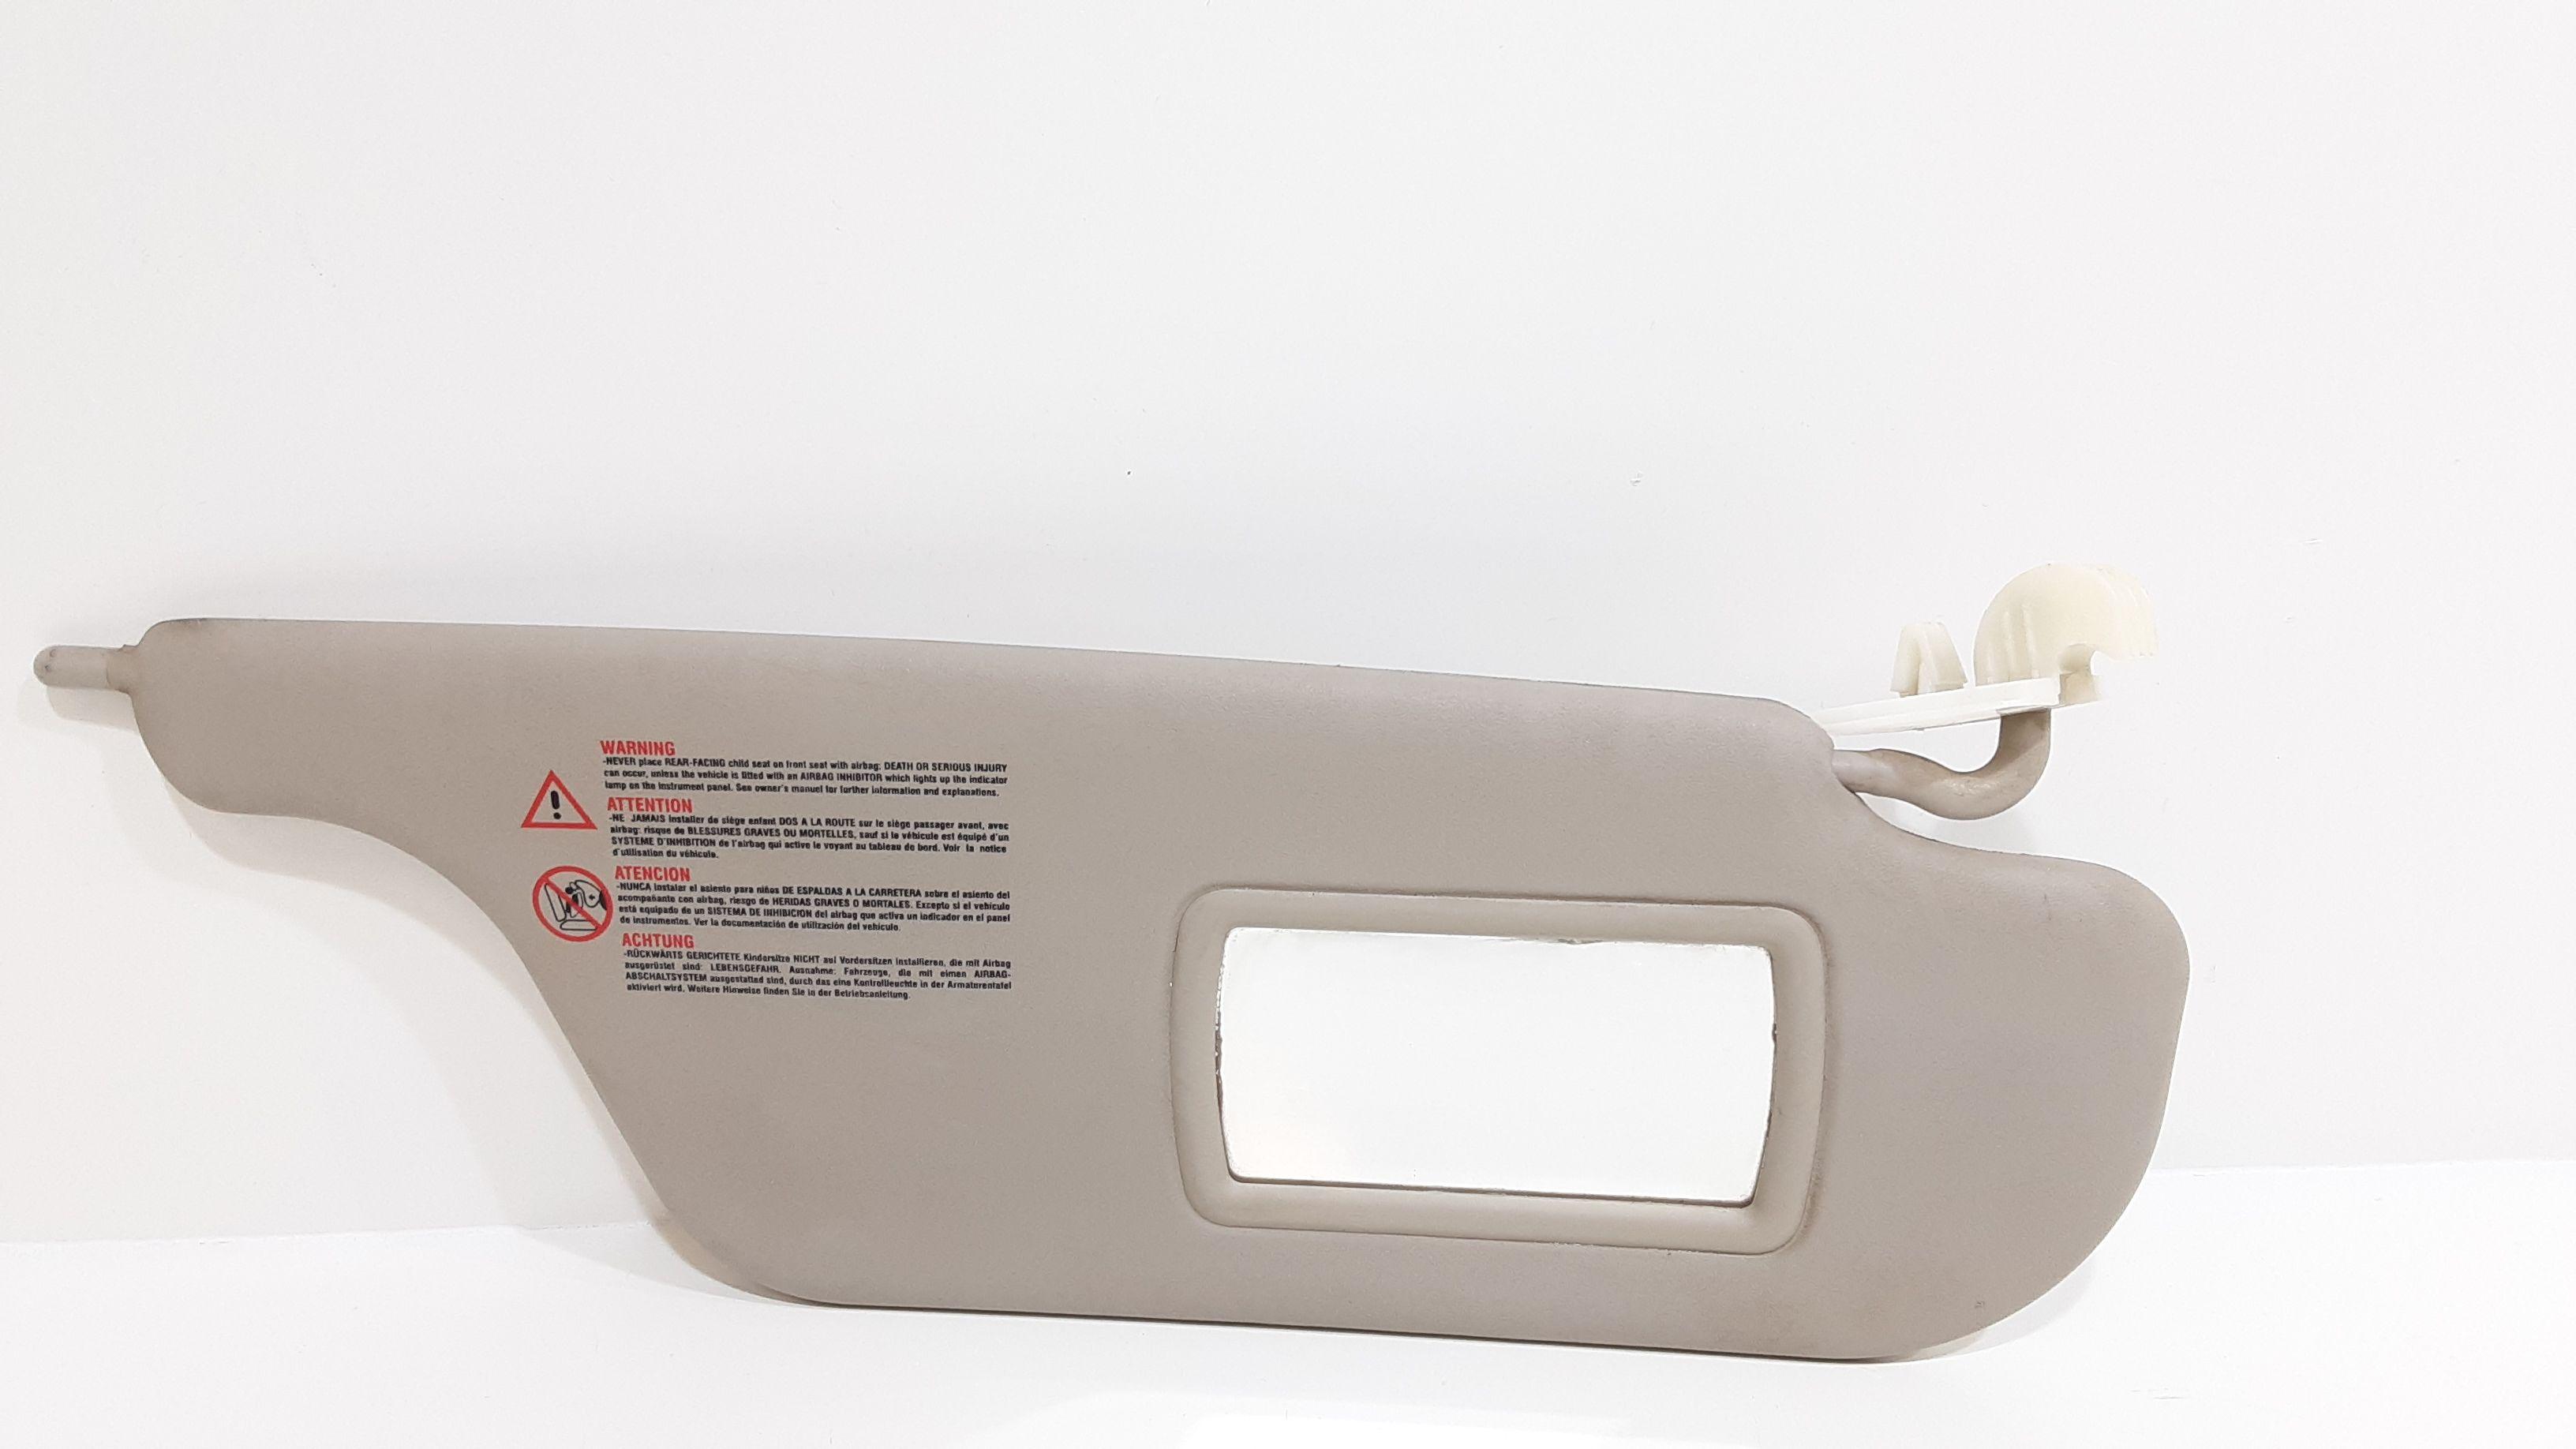 PARASOLE ALETTA LATO PASSEGGERO RENAULT Clio Serie (04>08) Benzina  (2007) RICAMBI USATI